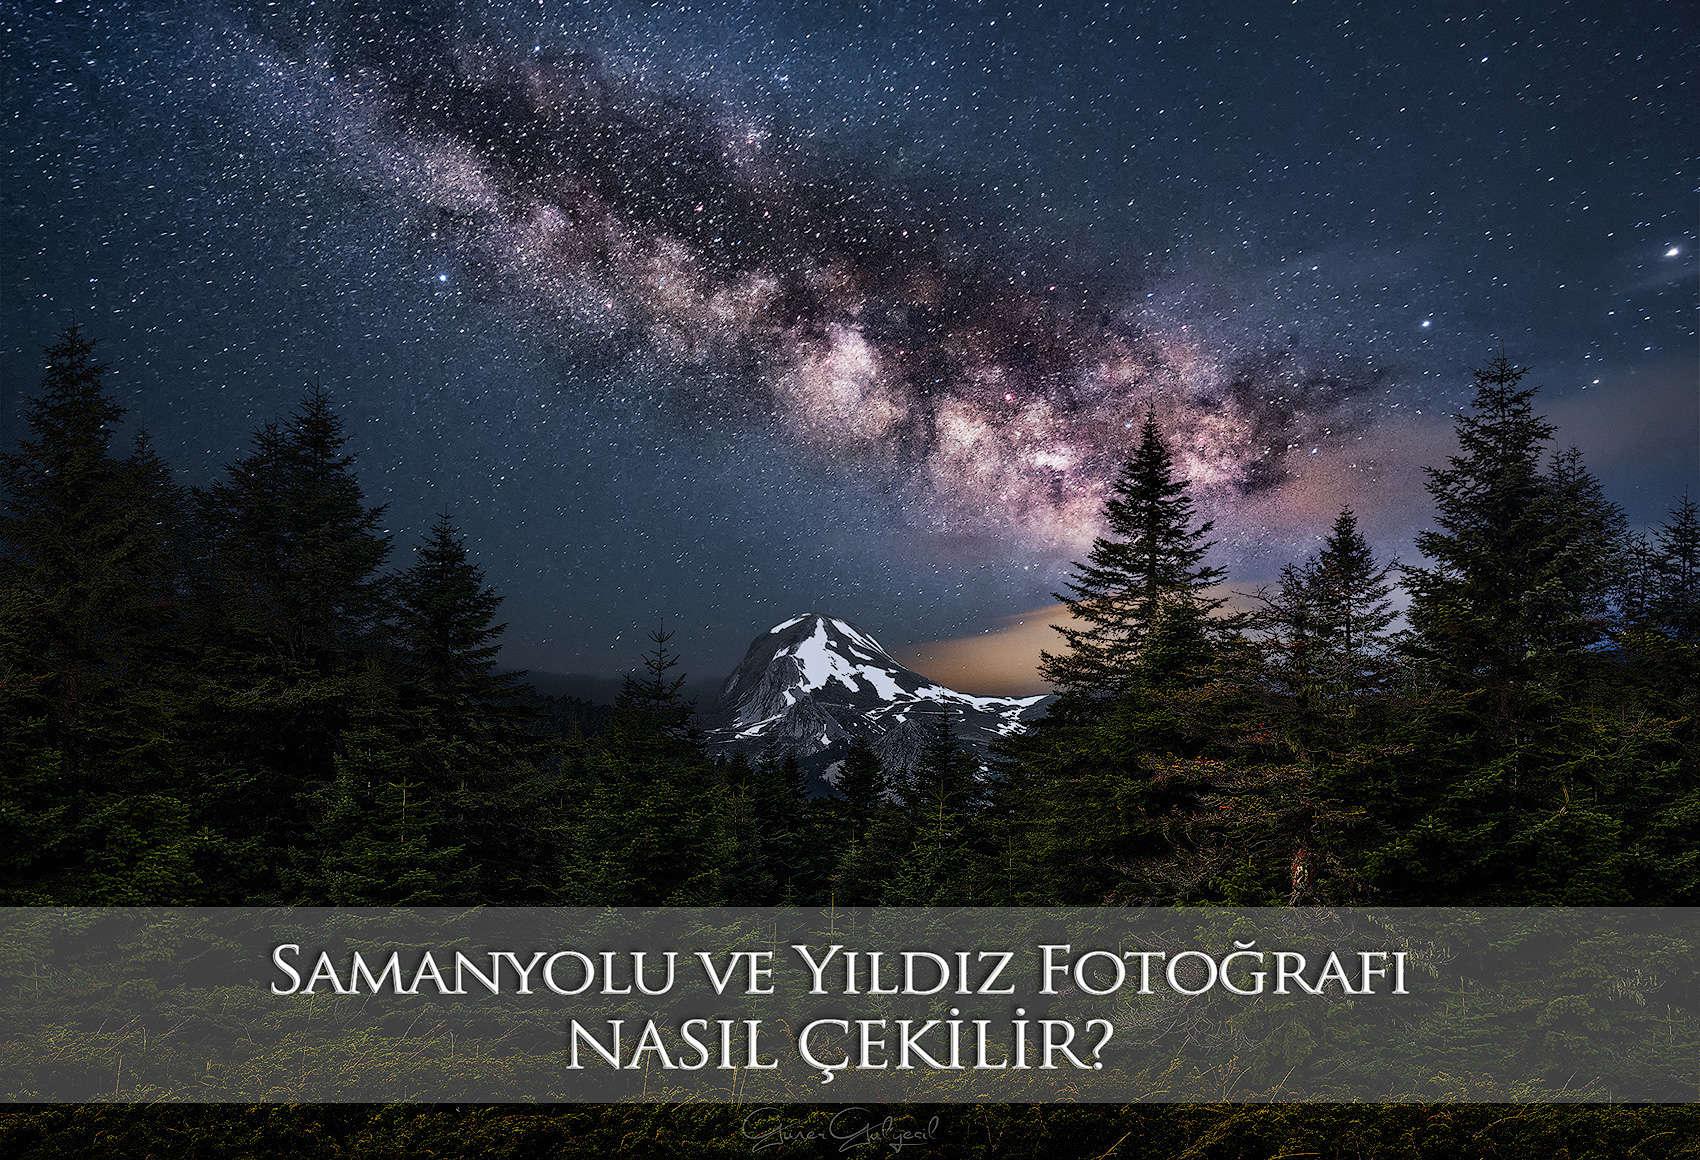 samanyolu ve yıldız fotoğrafı nasıl çekilir